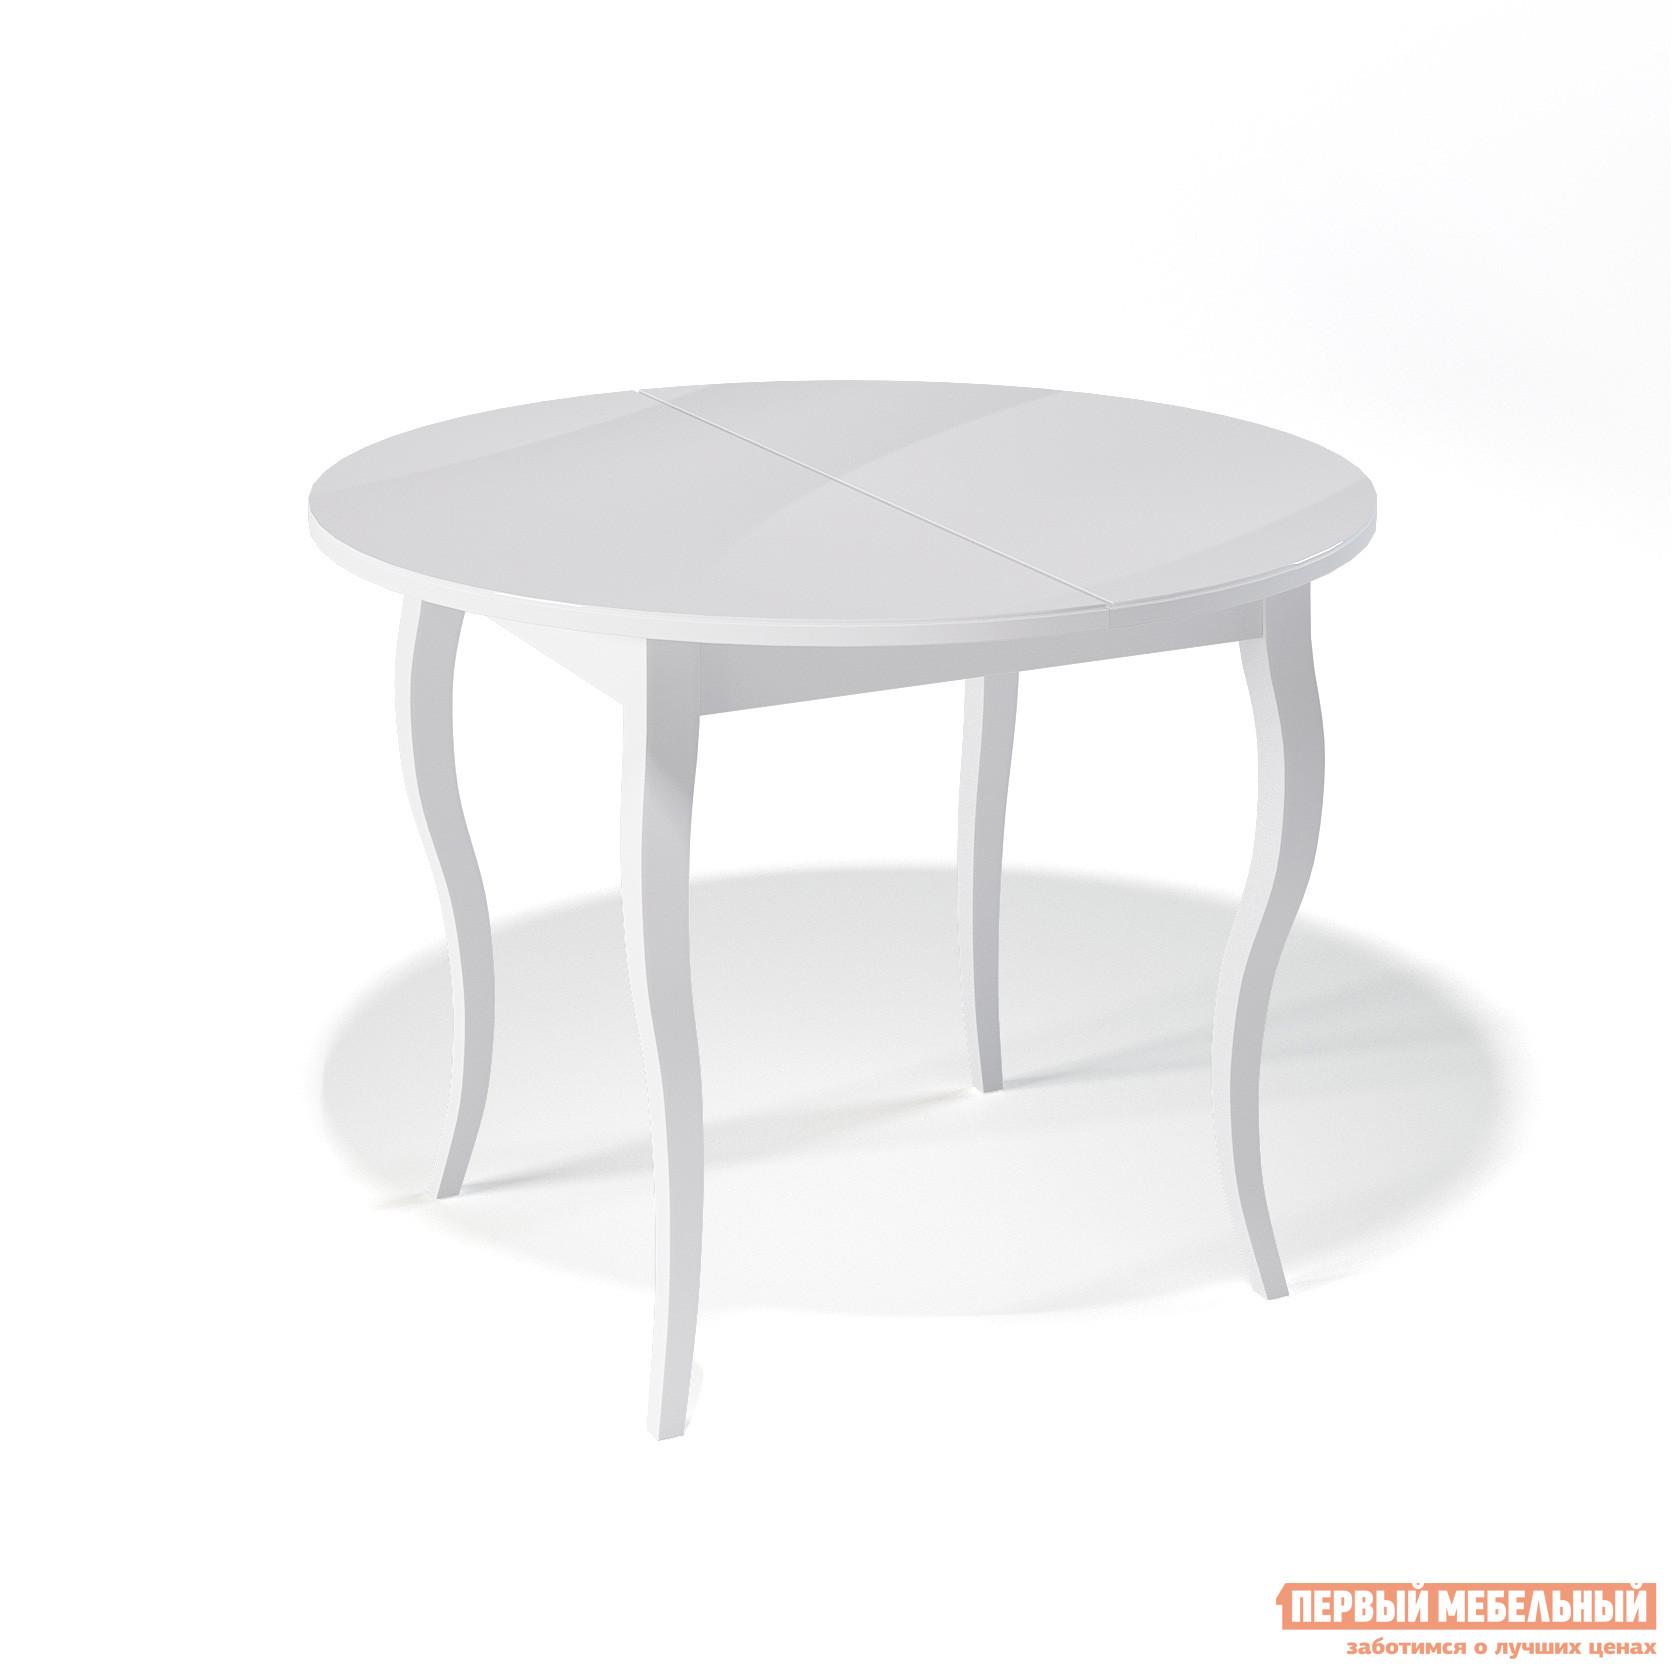 Кухонный стол ДИК KENNER 1000С Белый / Стекло белое